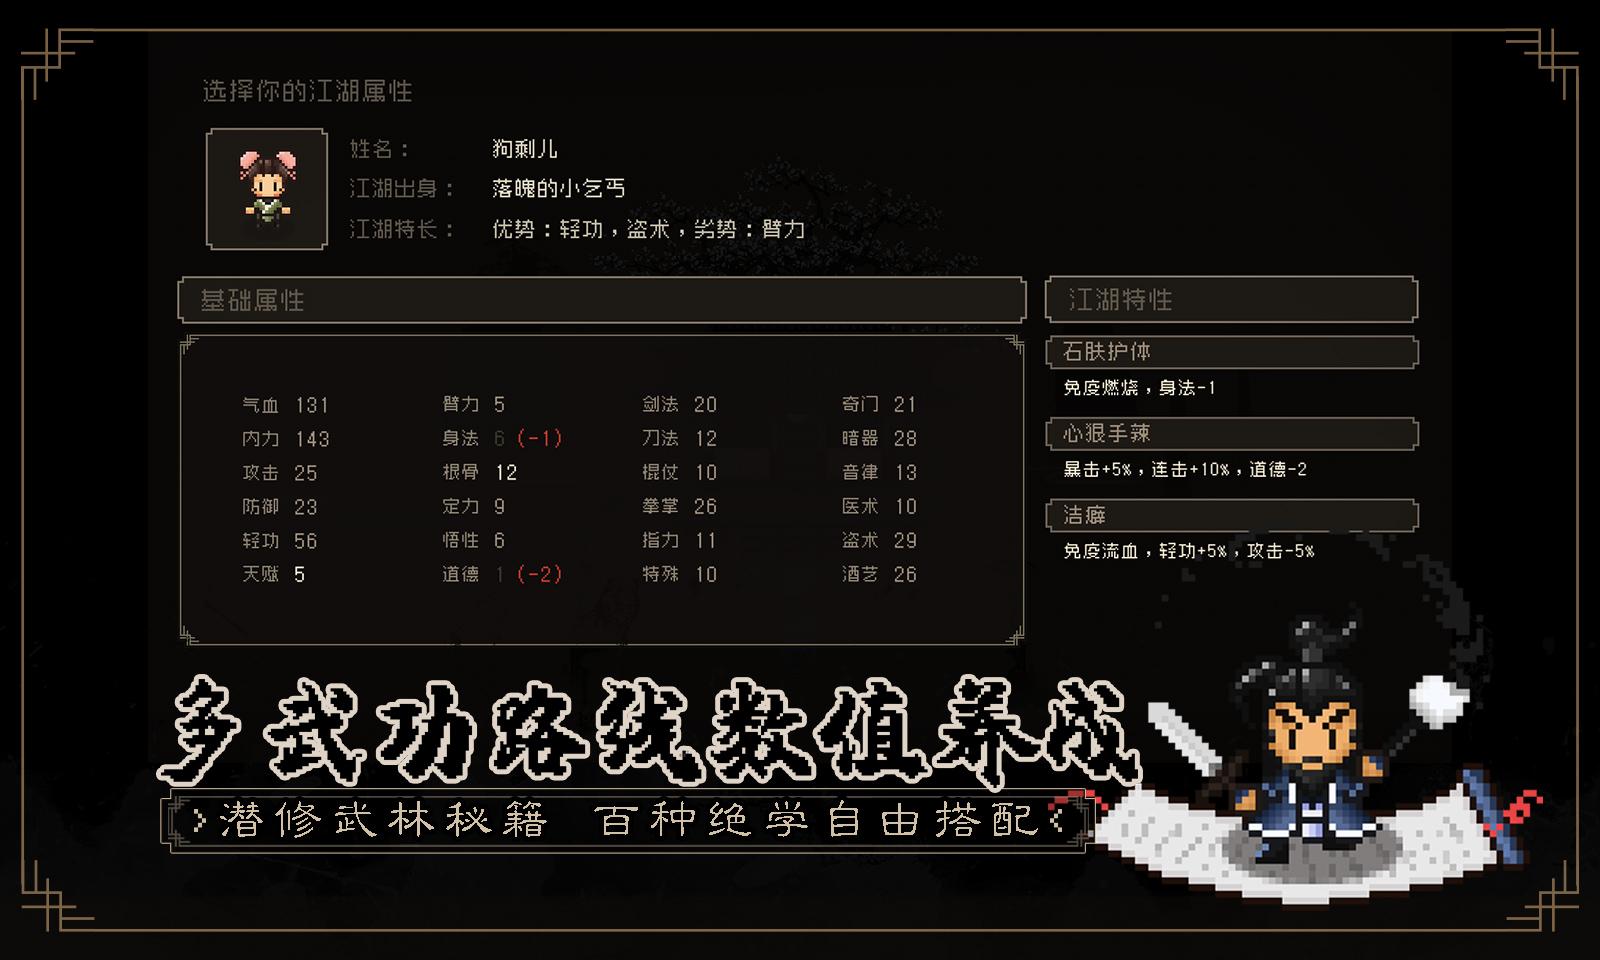 大江湖之苍龙与白鸟